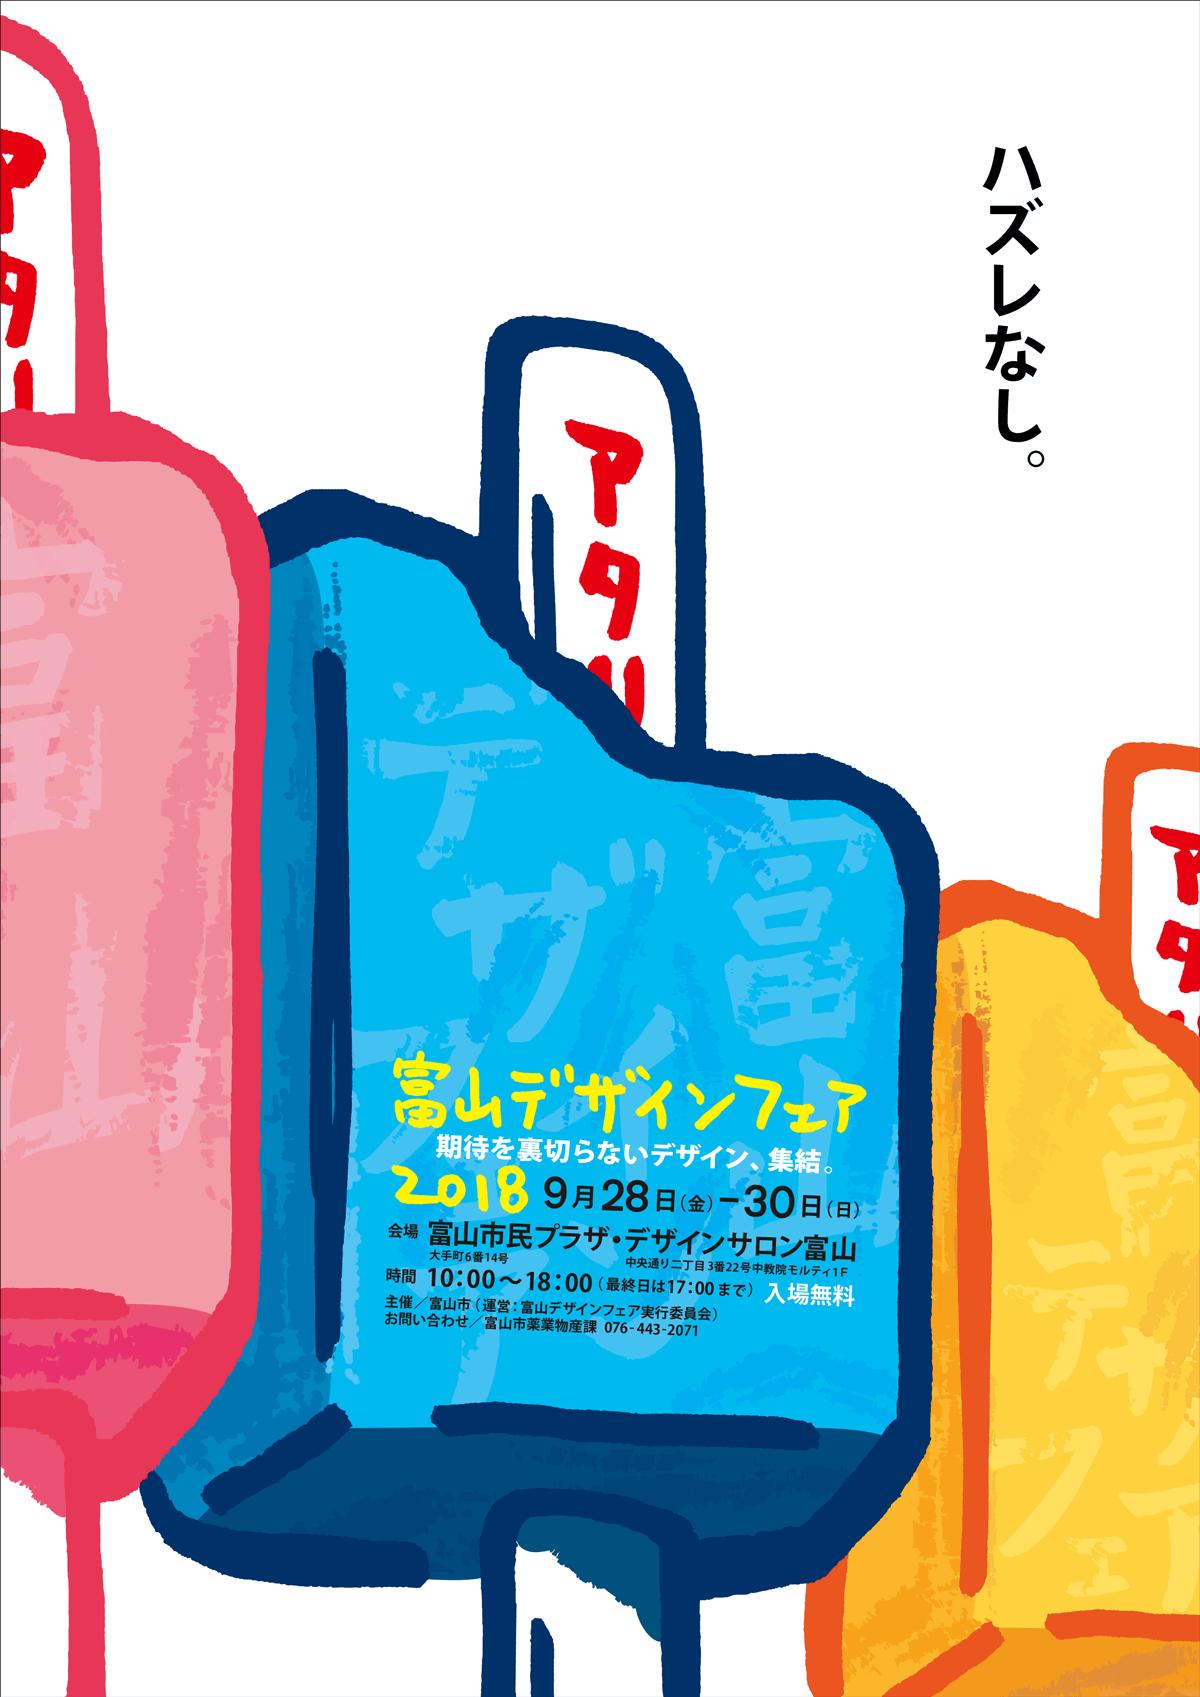 富山デザインフェア2018